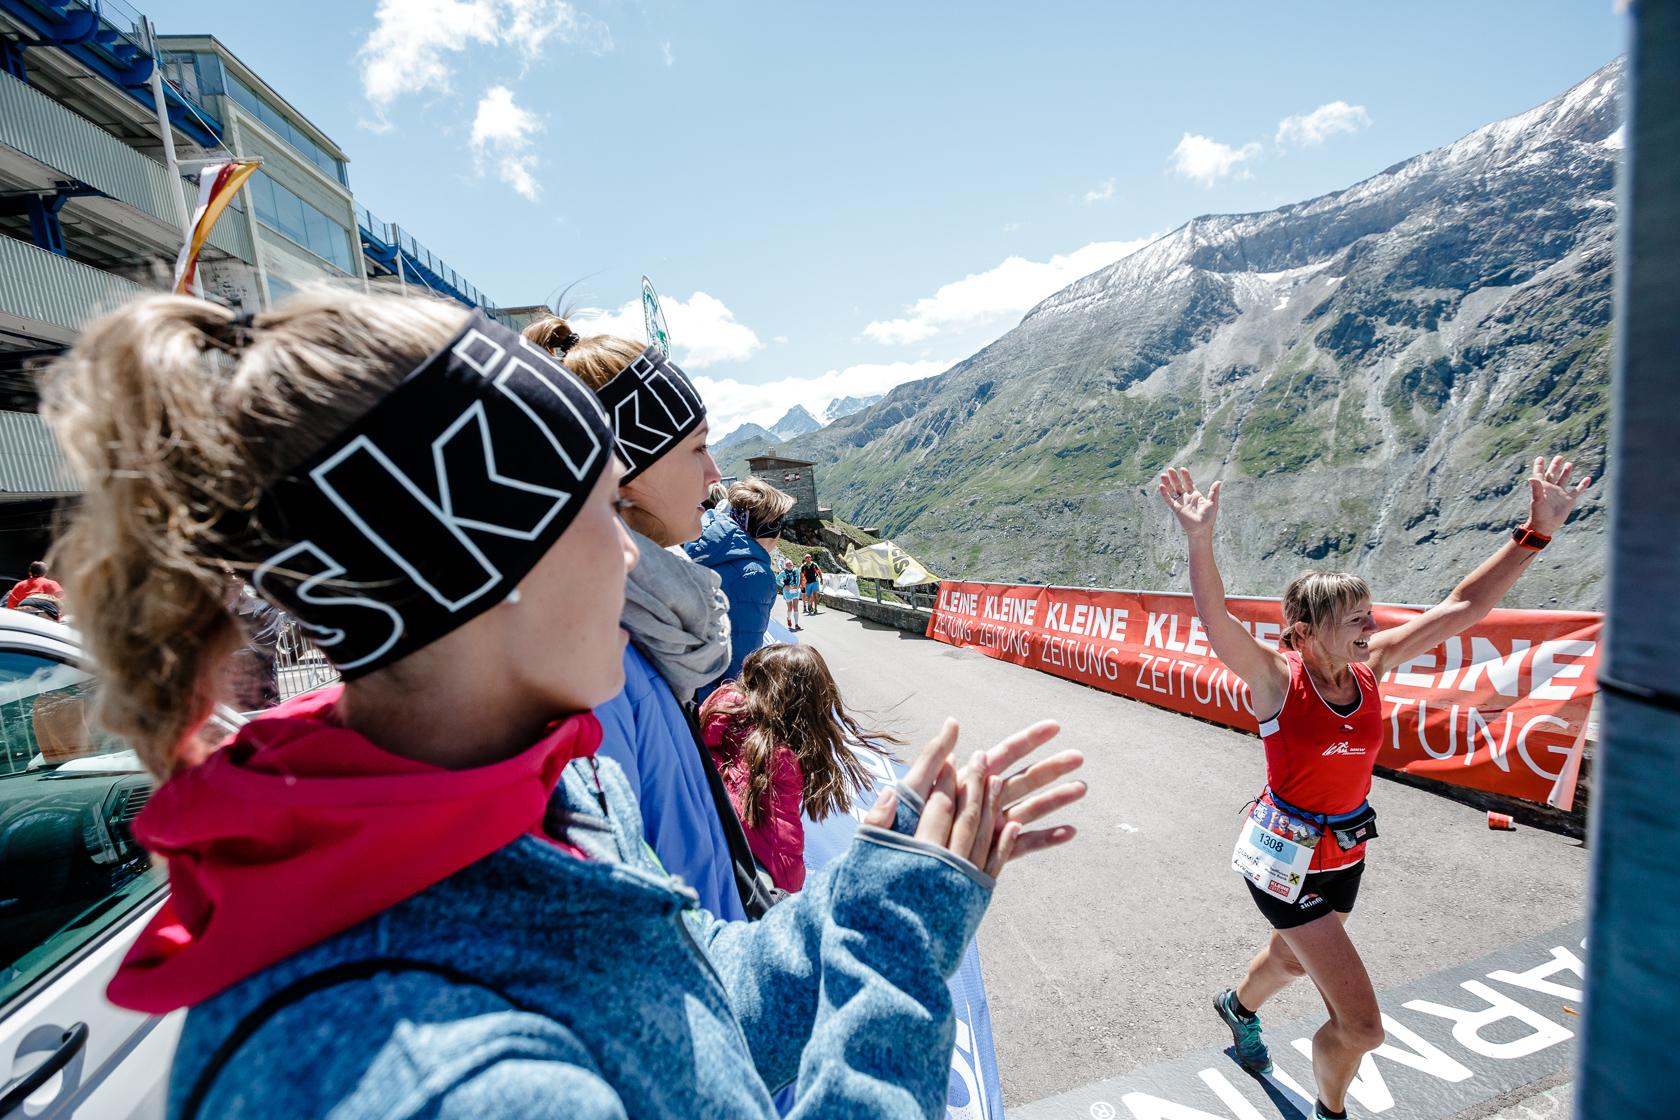 Teilnehmerin beim Zieleinlauf beim Großglocknerberglauf